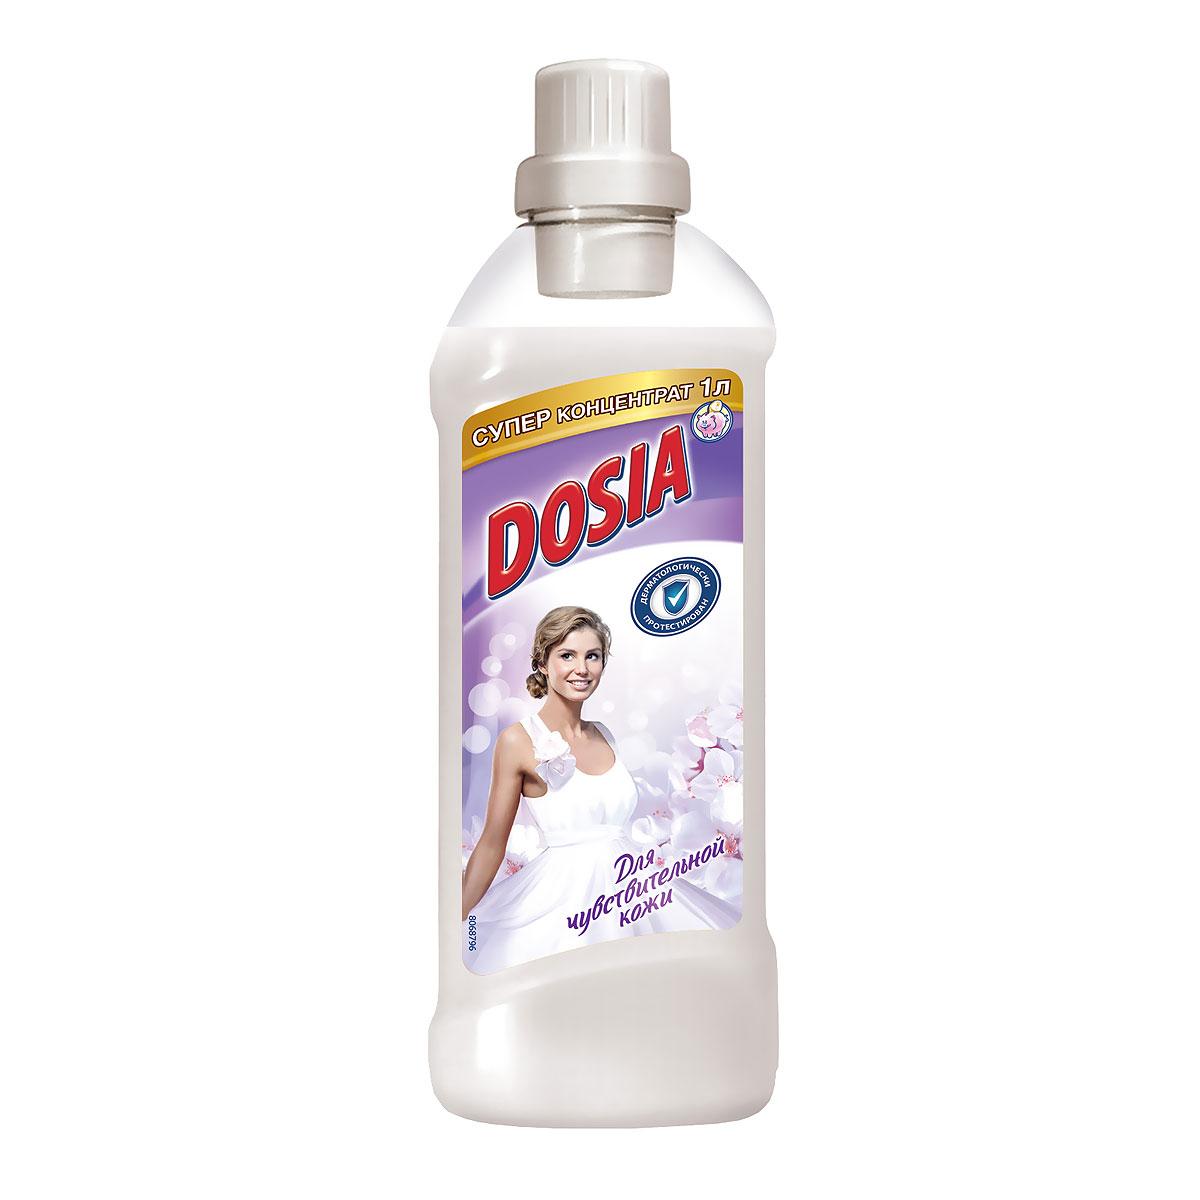 Ополаскиватель для белья Dosia, для чувствительной кожи, концентрированный, 1 л7503926Концентрированный ополаскиватель для белья Dosia идеально подходит для всех типов тканей. Он придает белью мягкость и свежий аромат. Обладает антистатическим свойством, облегчает глажение. Ополаскиватель отлично подойдет для использования людям с чувствительной кожей. Характеристики: Объем: 1 л. Производитель: Россия. Товар сертифицирован.